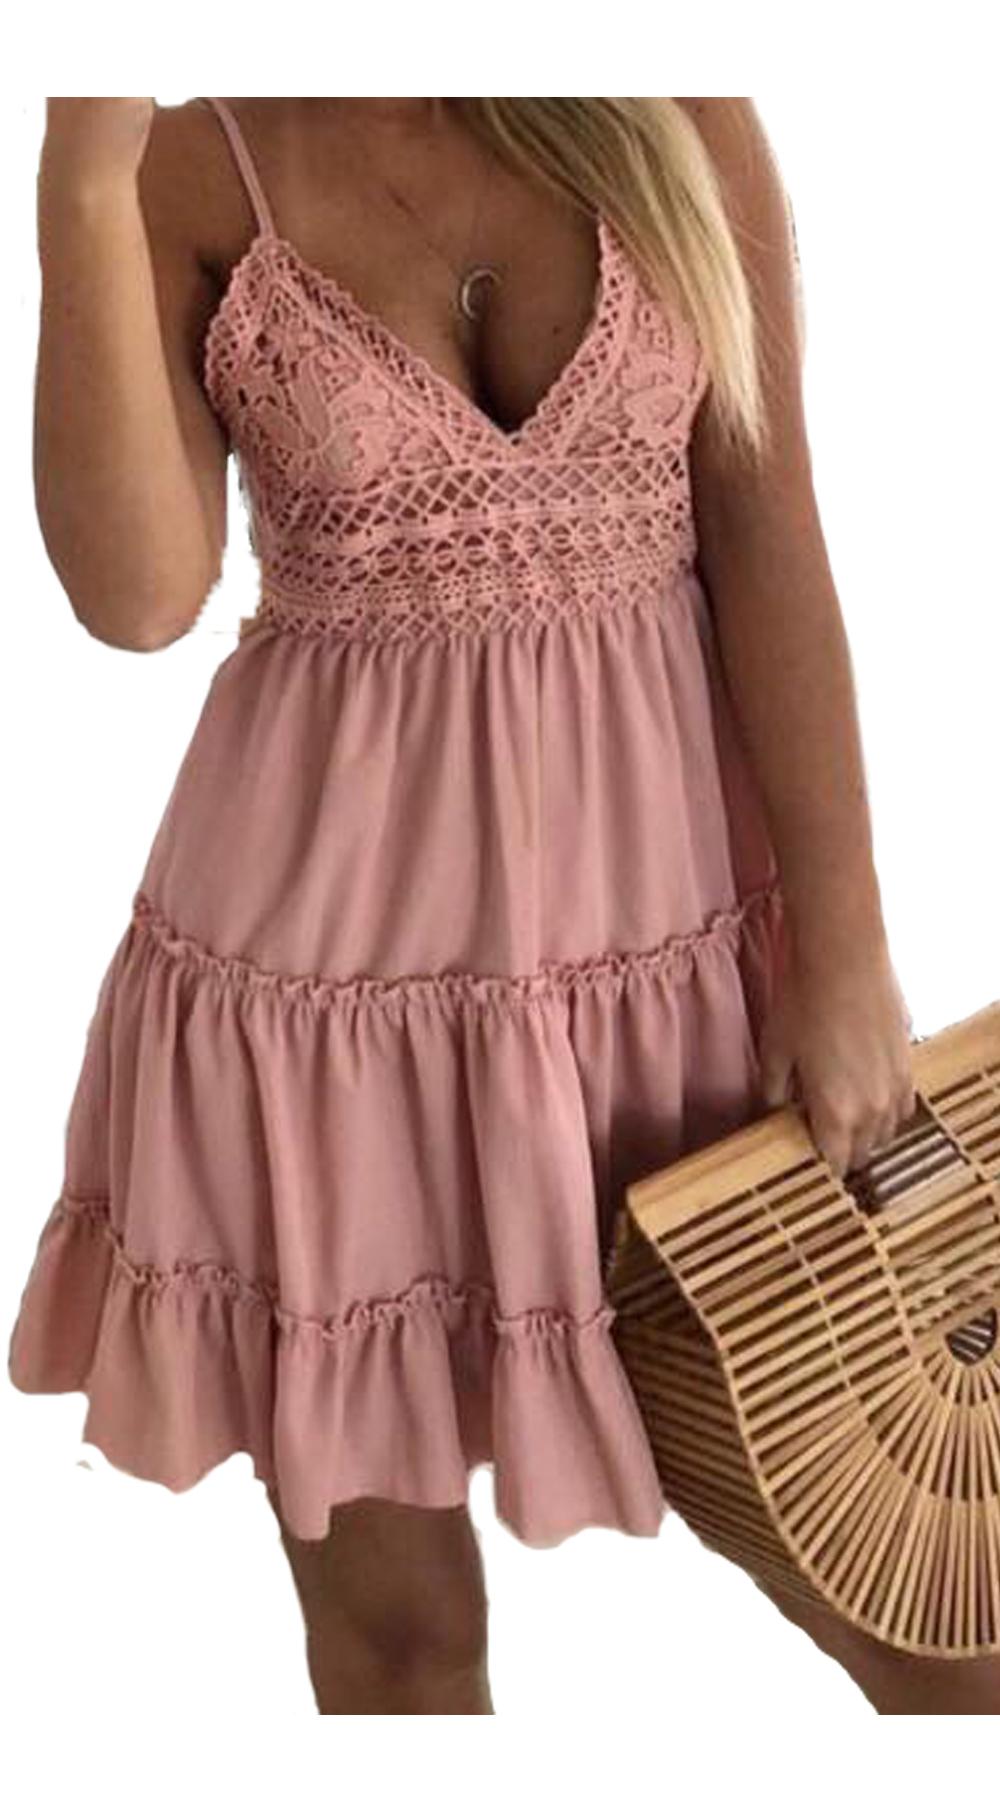 Μίνι φόρεμα με βολάν και λεπτομέρεια από δαντέλα  ΑΠΟΣΤΟΛΕΣ ΑΠΟ 25 6 ... d1c0d8ea725